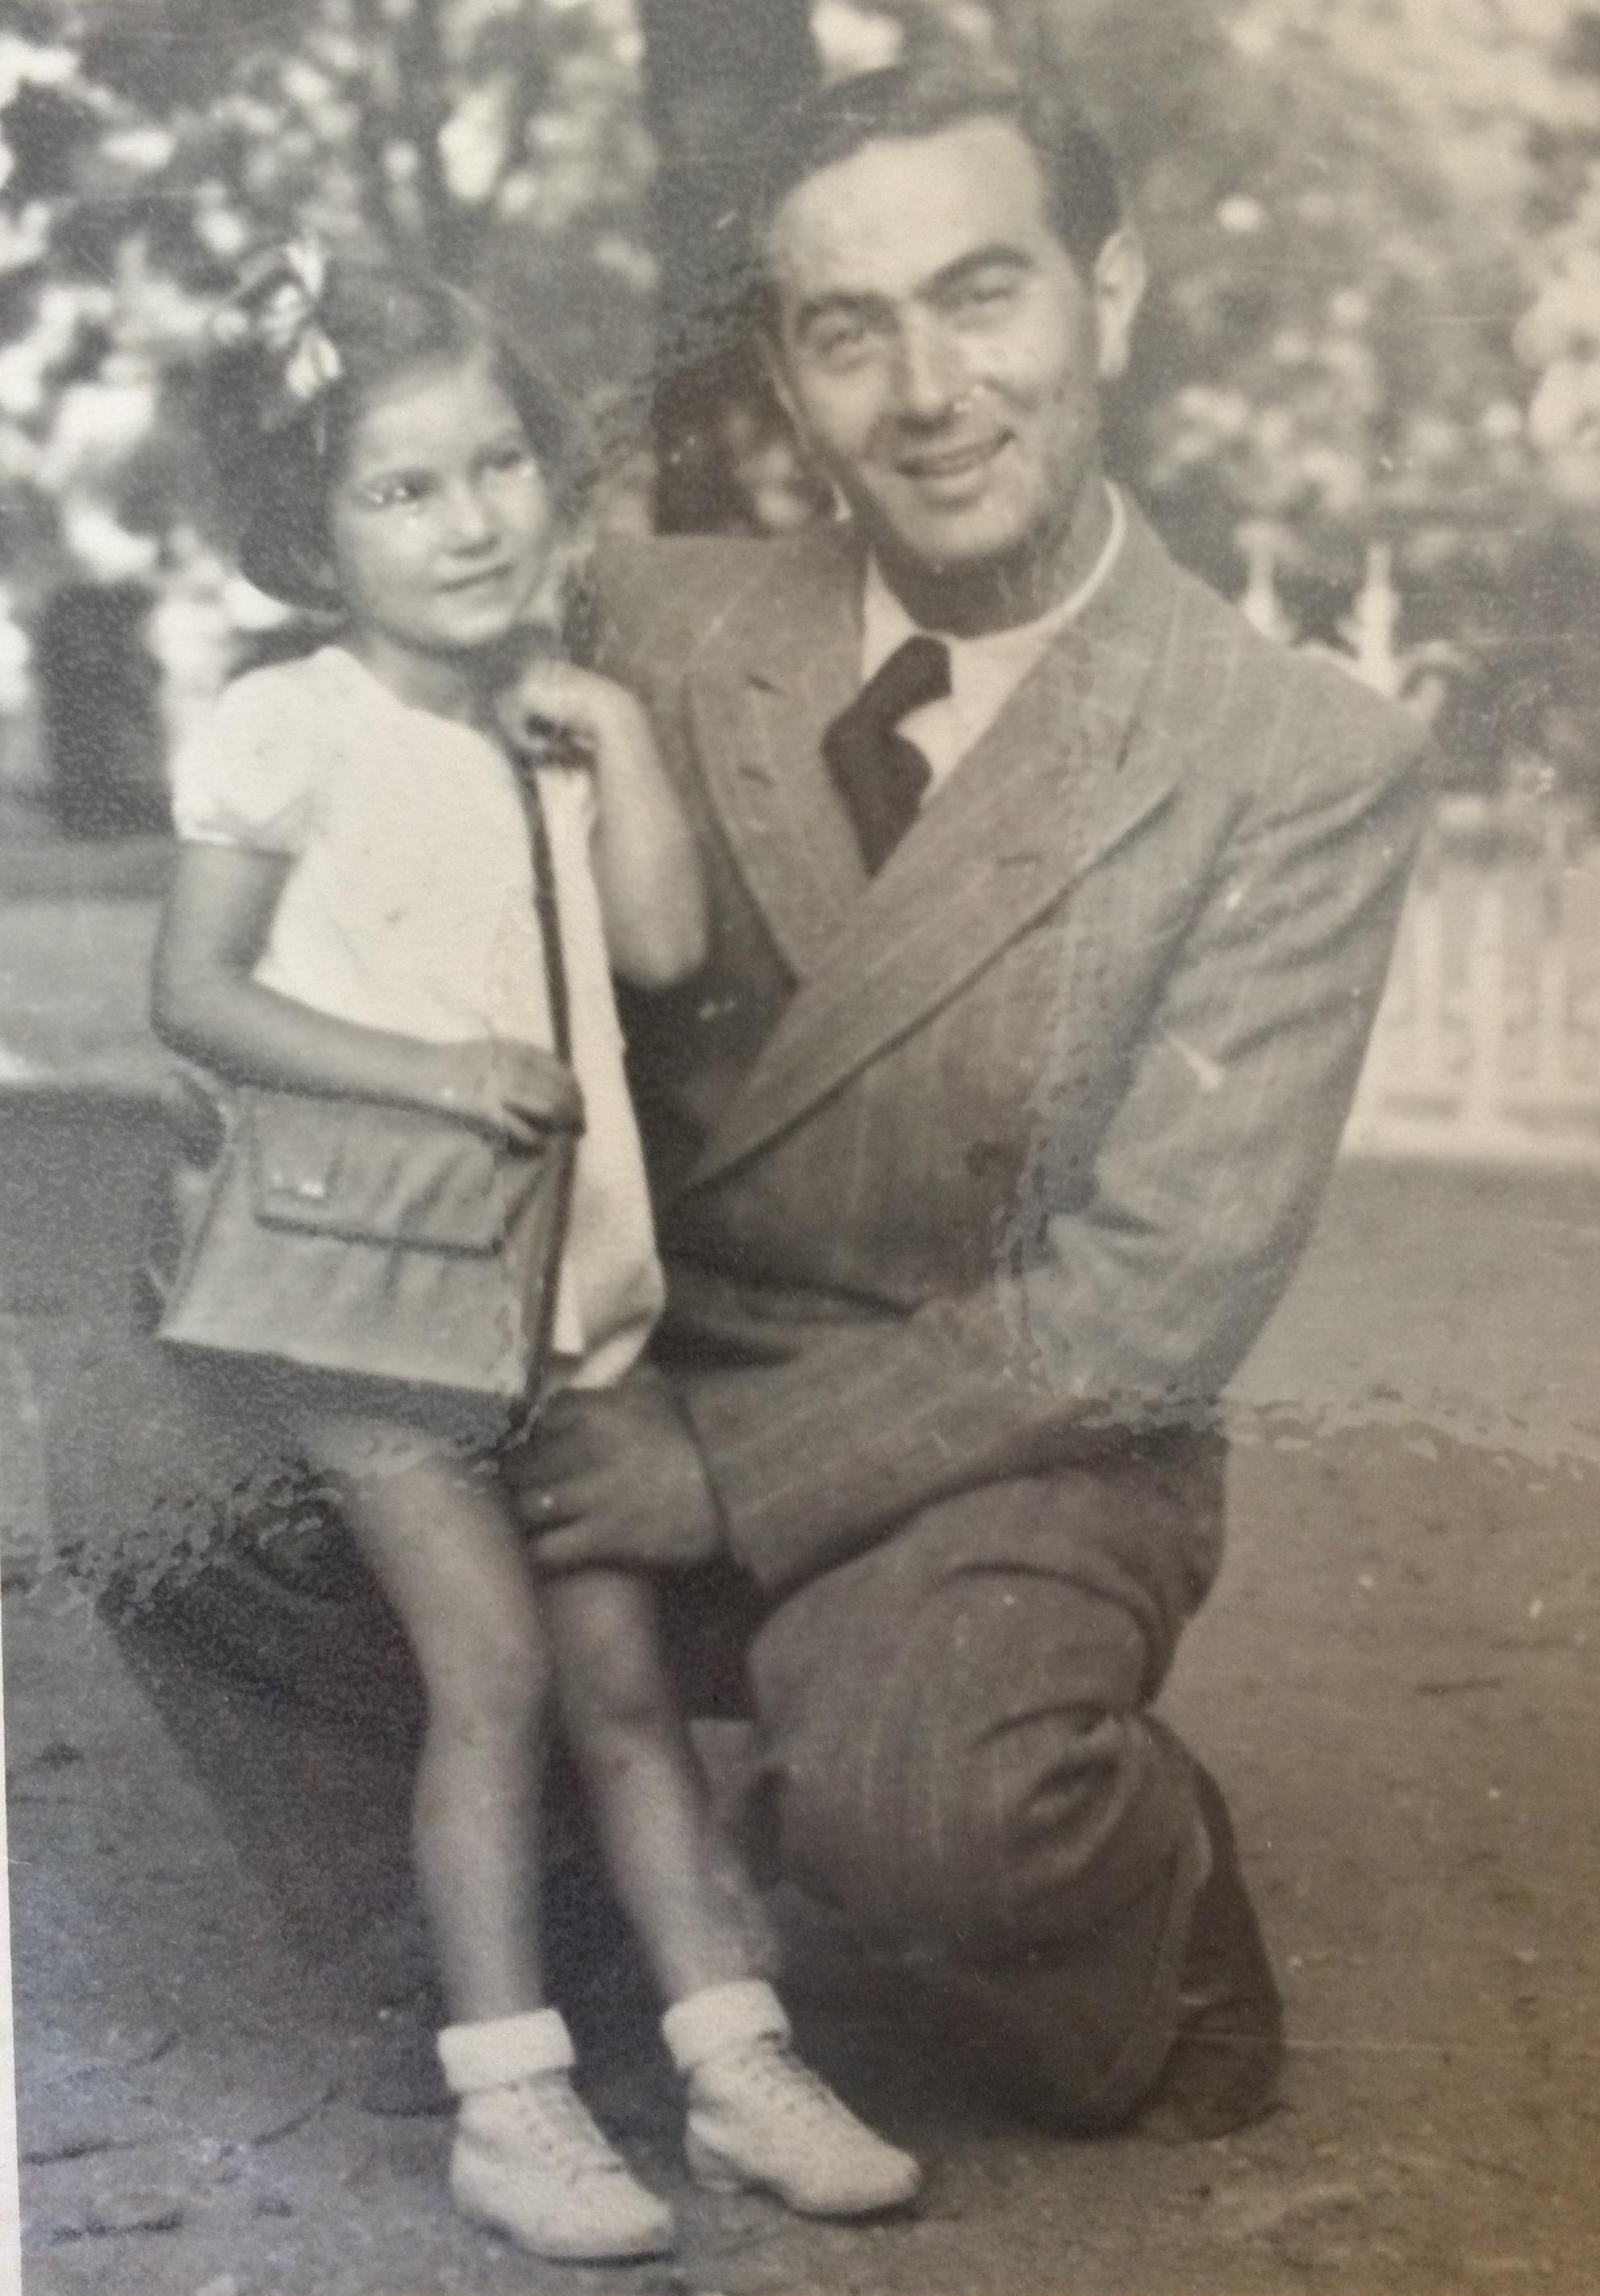 Line et David dit Fernand HIKIM juste après-guerre © collection particulière